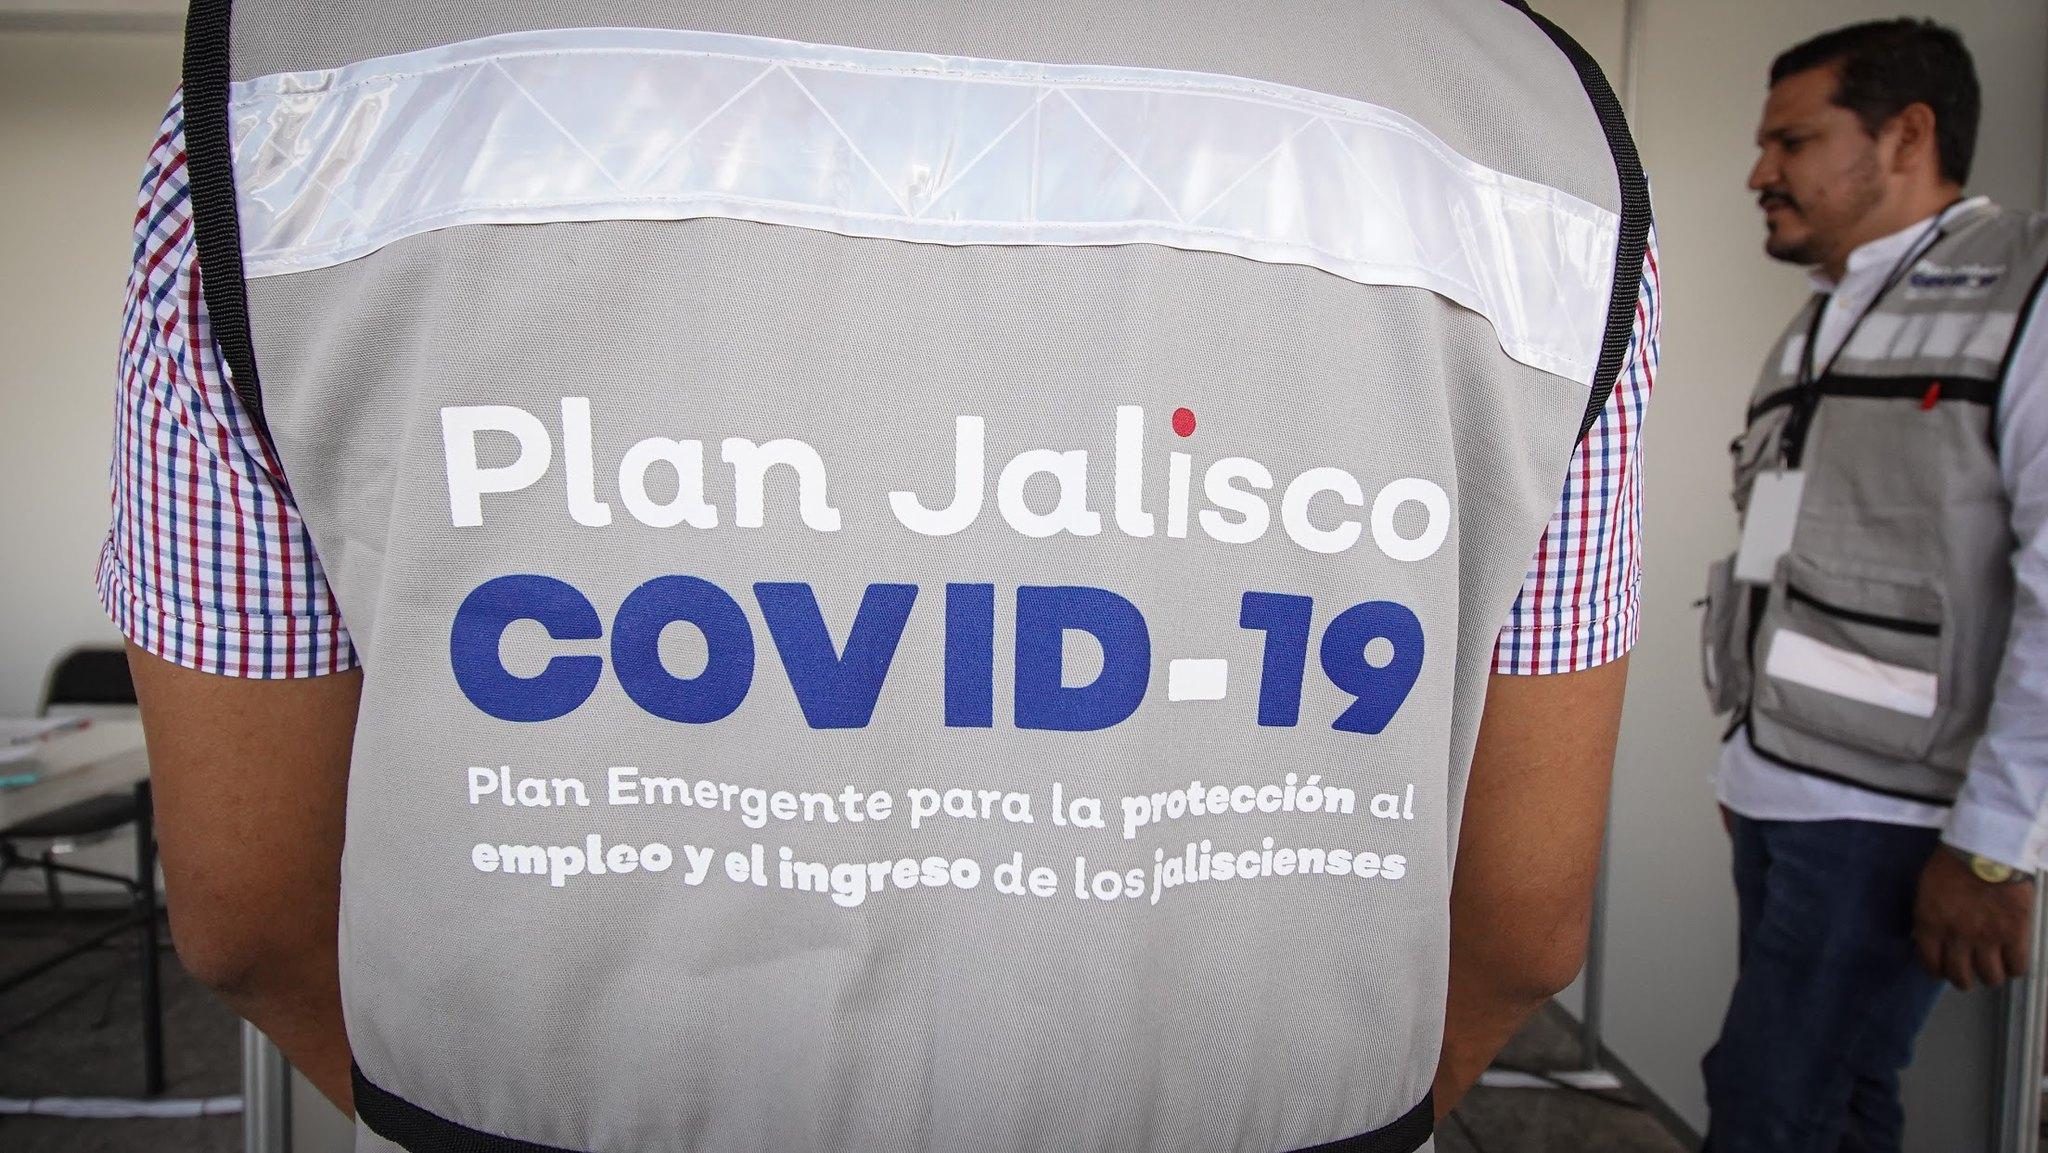 Este lunes arrancó el Plan Emergente para la Protección al Empleo y al Ingreso de las Personas, como parte del Plan Jalisco COVID-19.